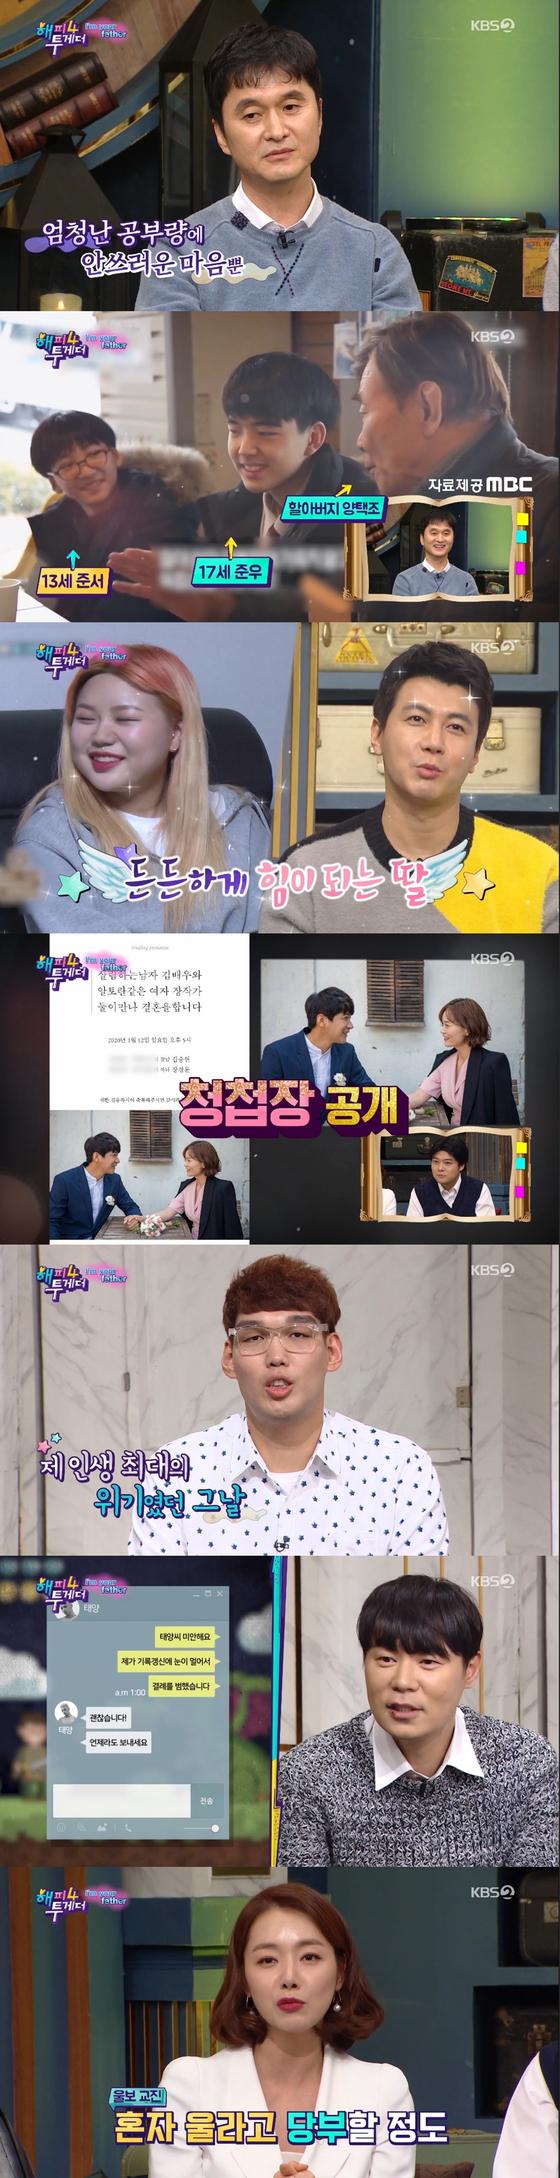 KBS 2TV '해피투게더4'